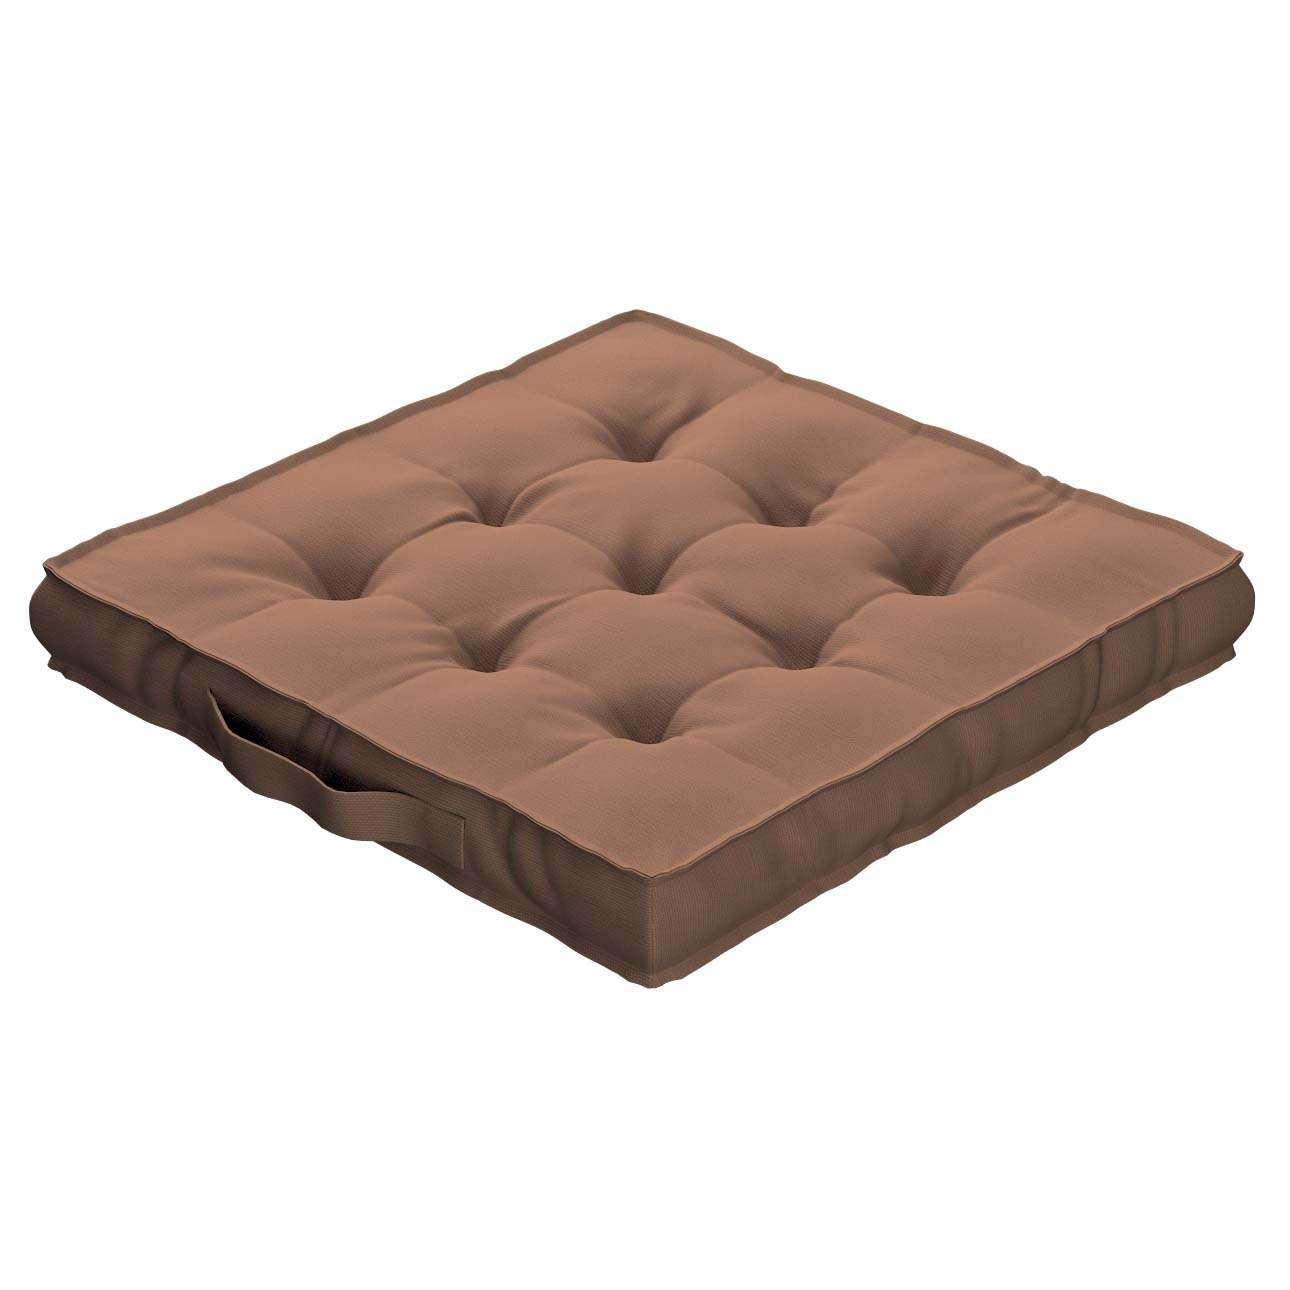 Siedzisko Kuba na krzesło 40x40x6cm w kolekcji Cotton Panama, tkanina: 702-02